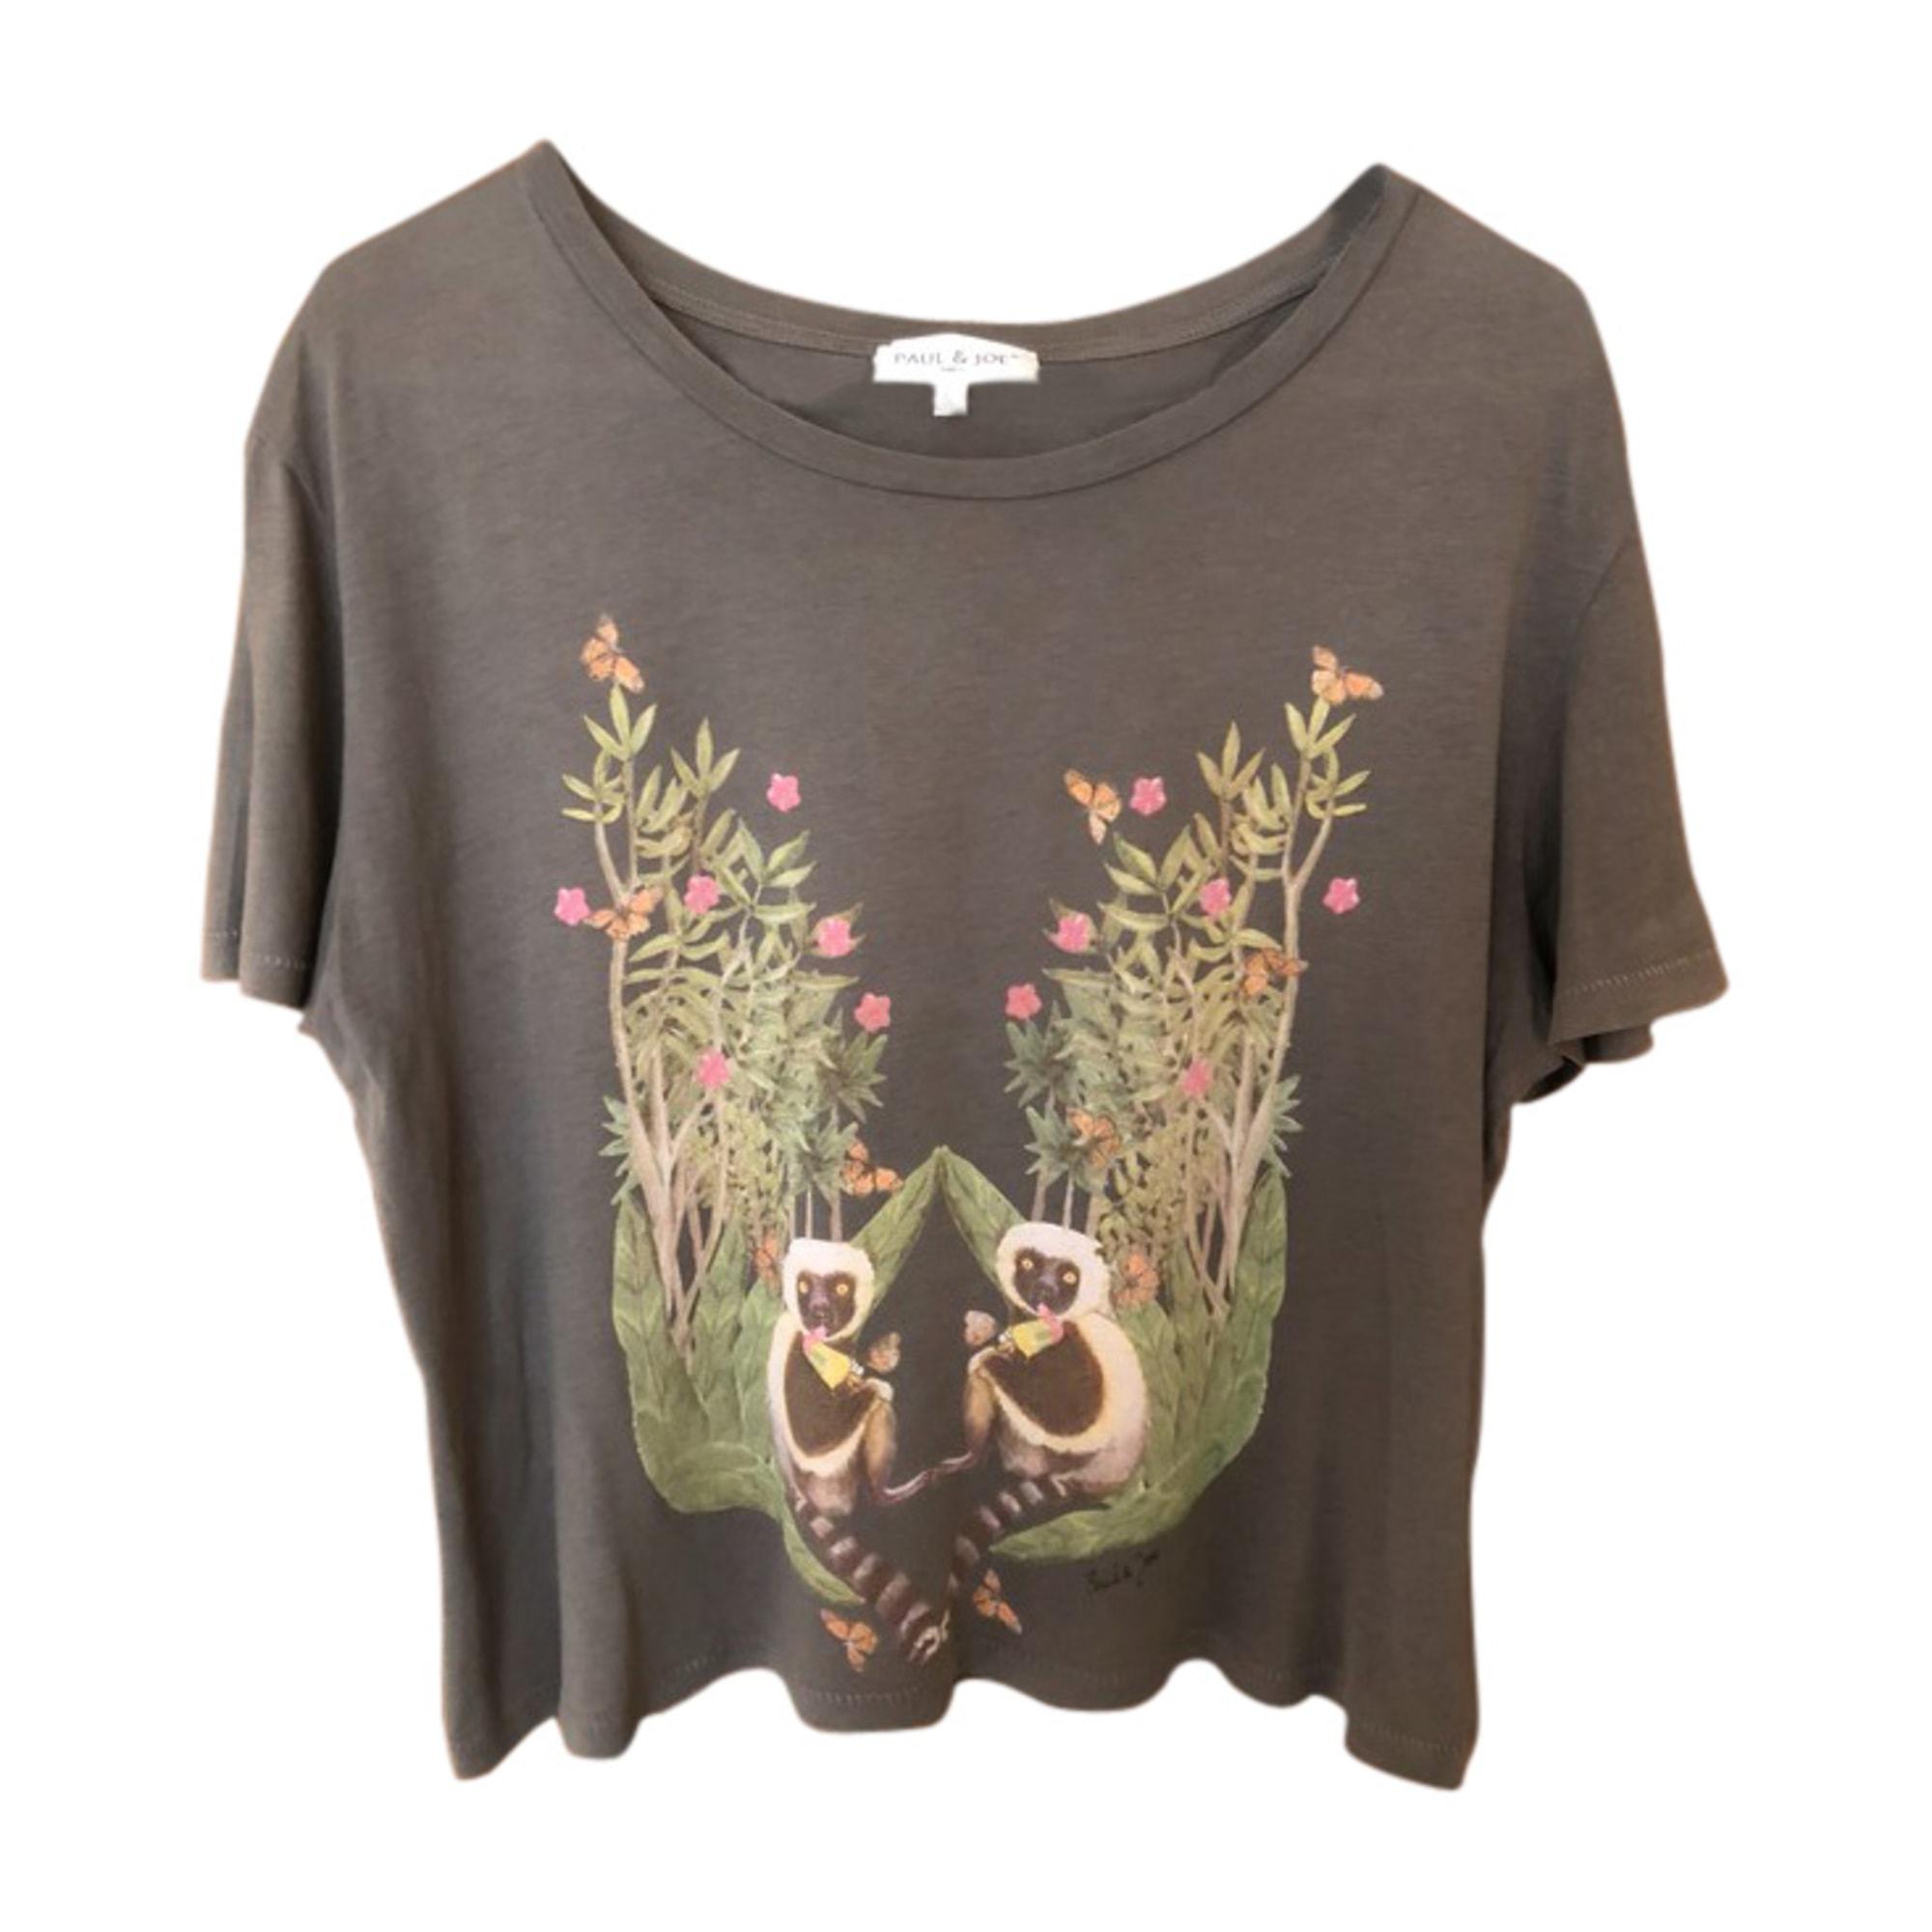 Top, tee-shirt PAUL & JOE Kaki